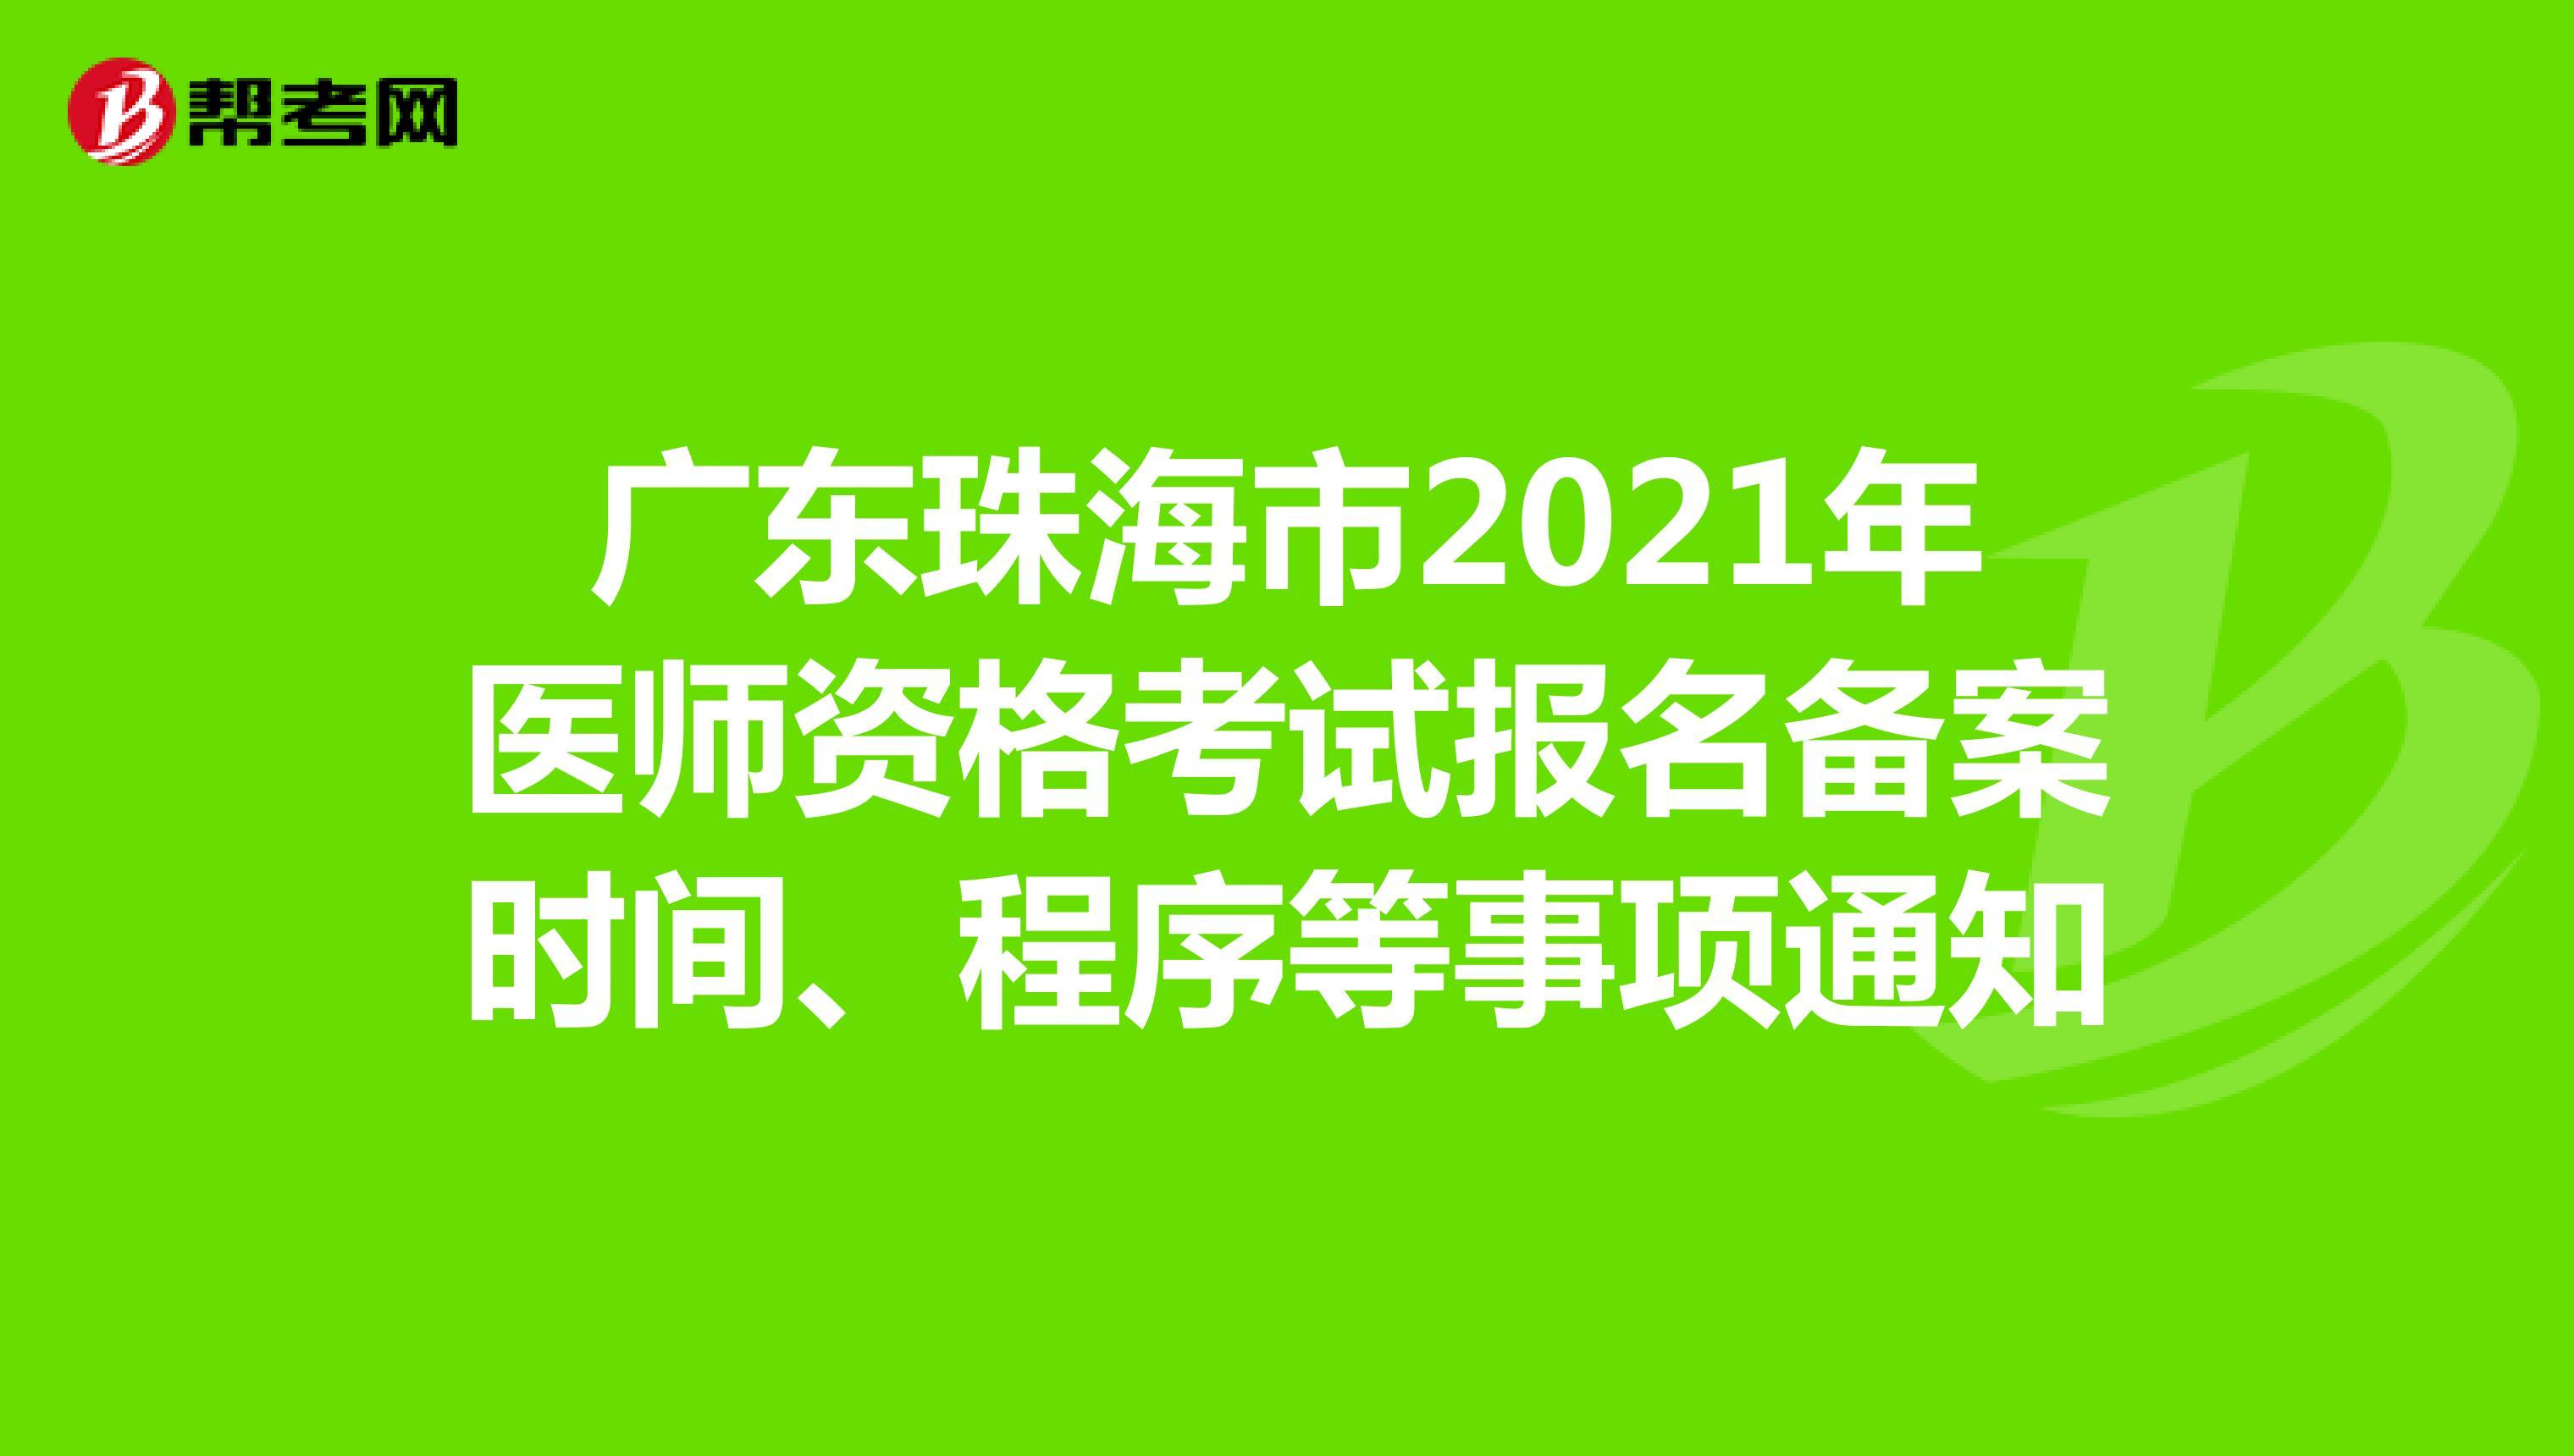 广东珠海市2021年医师资格考试报名备案时间、程序等事项通知